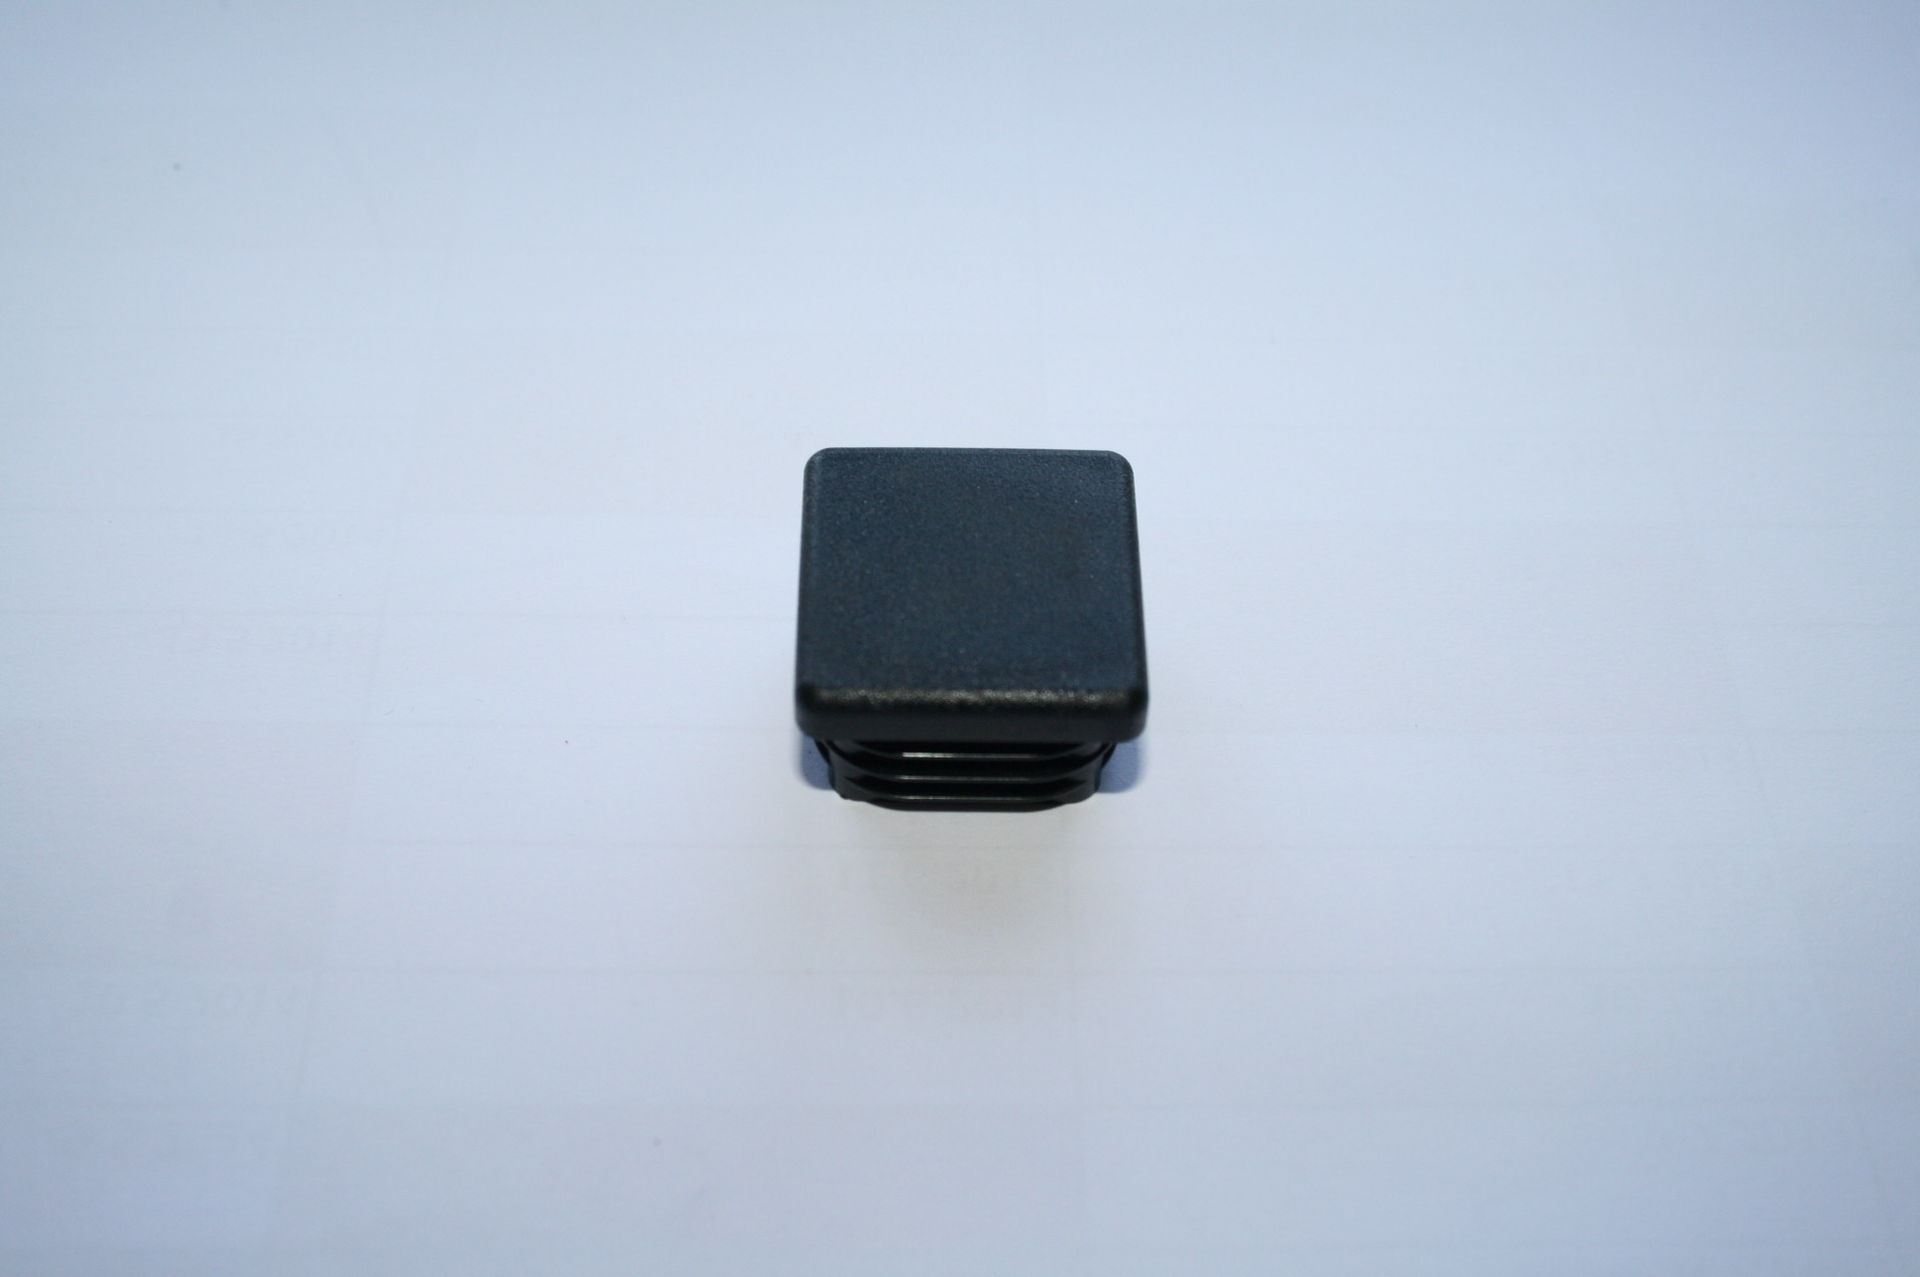 Záslepka černá 30x30 mm